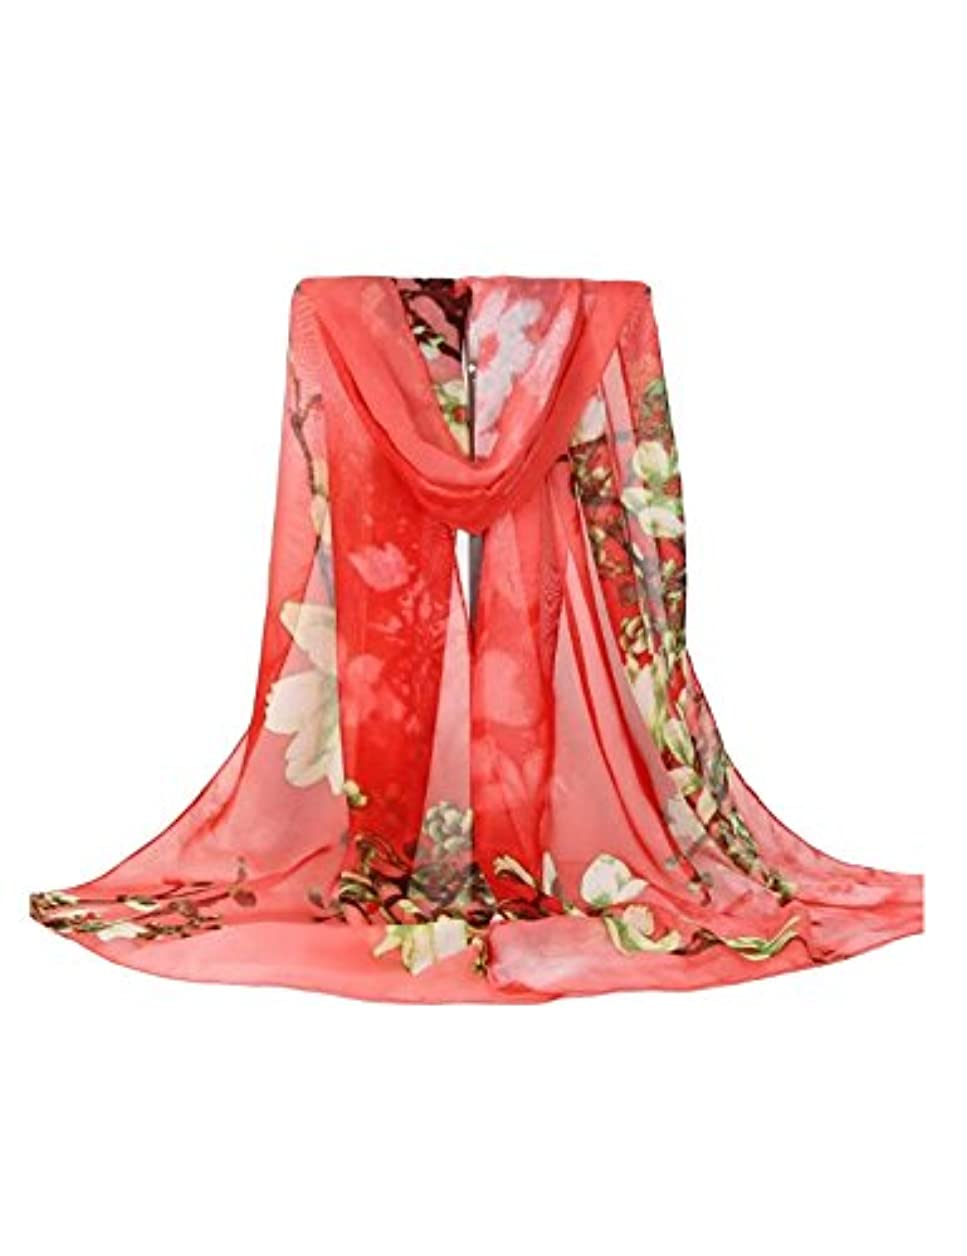 バリケード移行熱意ビエスディディ レディース 全6色 ファッション シフォン 防晒 防紫外線 UVカット 薄手 ロング スカーフ